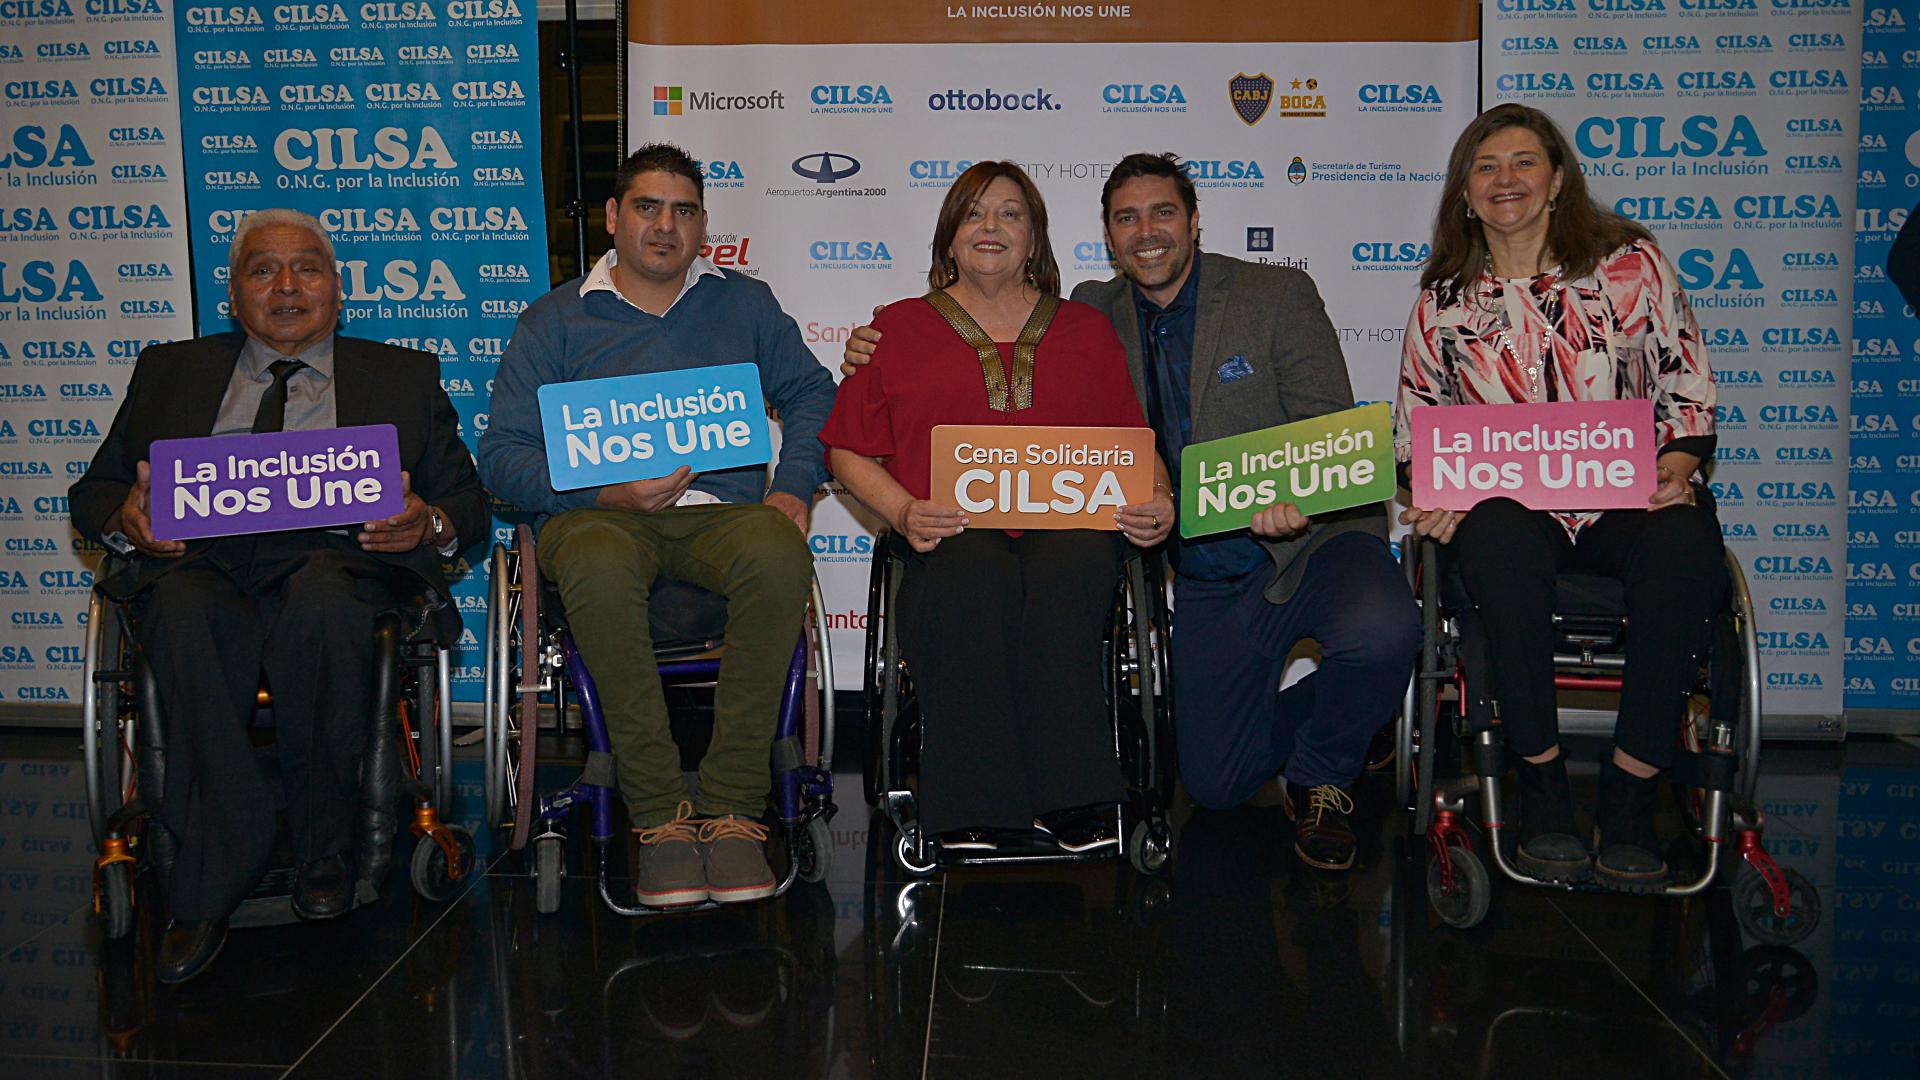 CILSA fue fundada el 14 de mayo de 1966, en la ciudad de Santa Fe. Su misión es promover la inclusión plena de personas con discapacidad y en situación de vulnerabilidad social. Muchos famosos, como Matías Alé, siempre se suman a sus campañas con el fin de colaborar